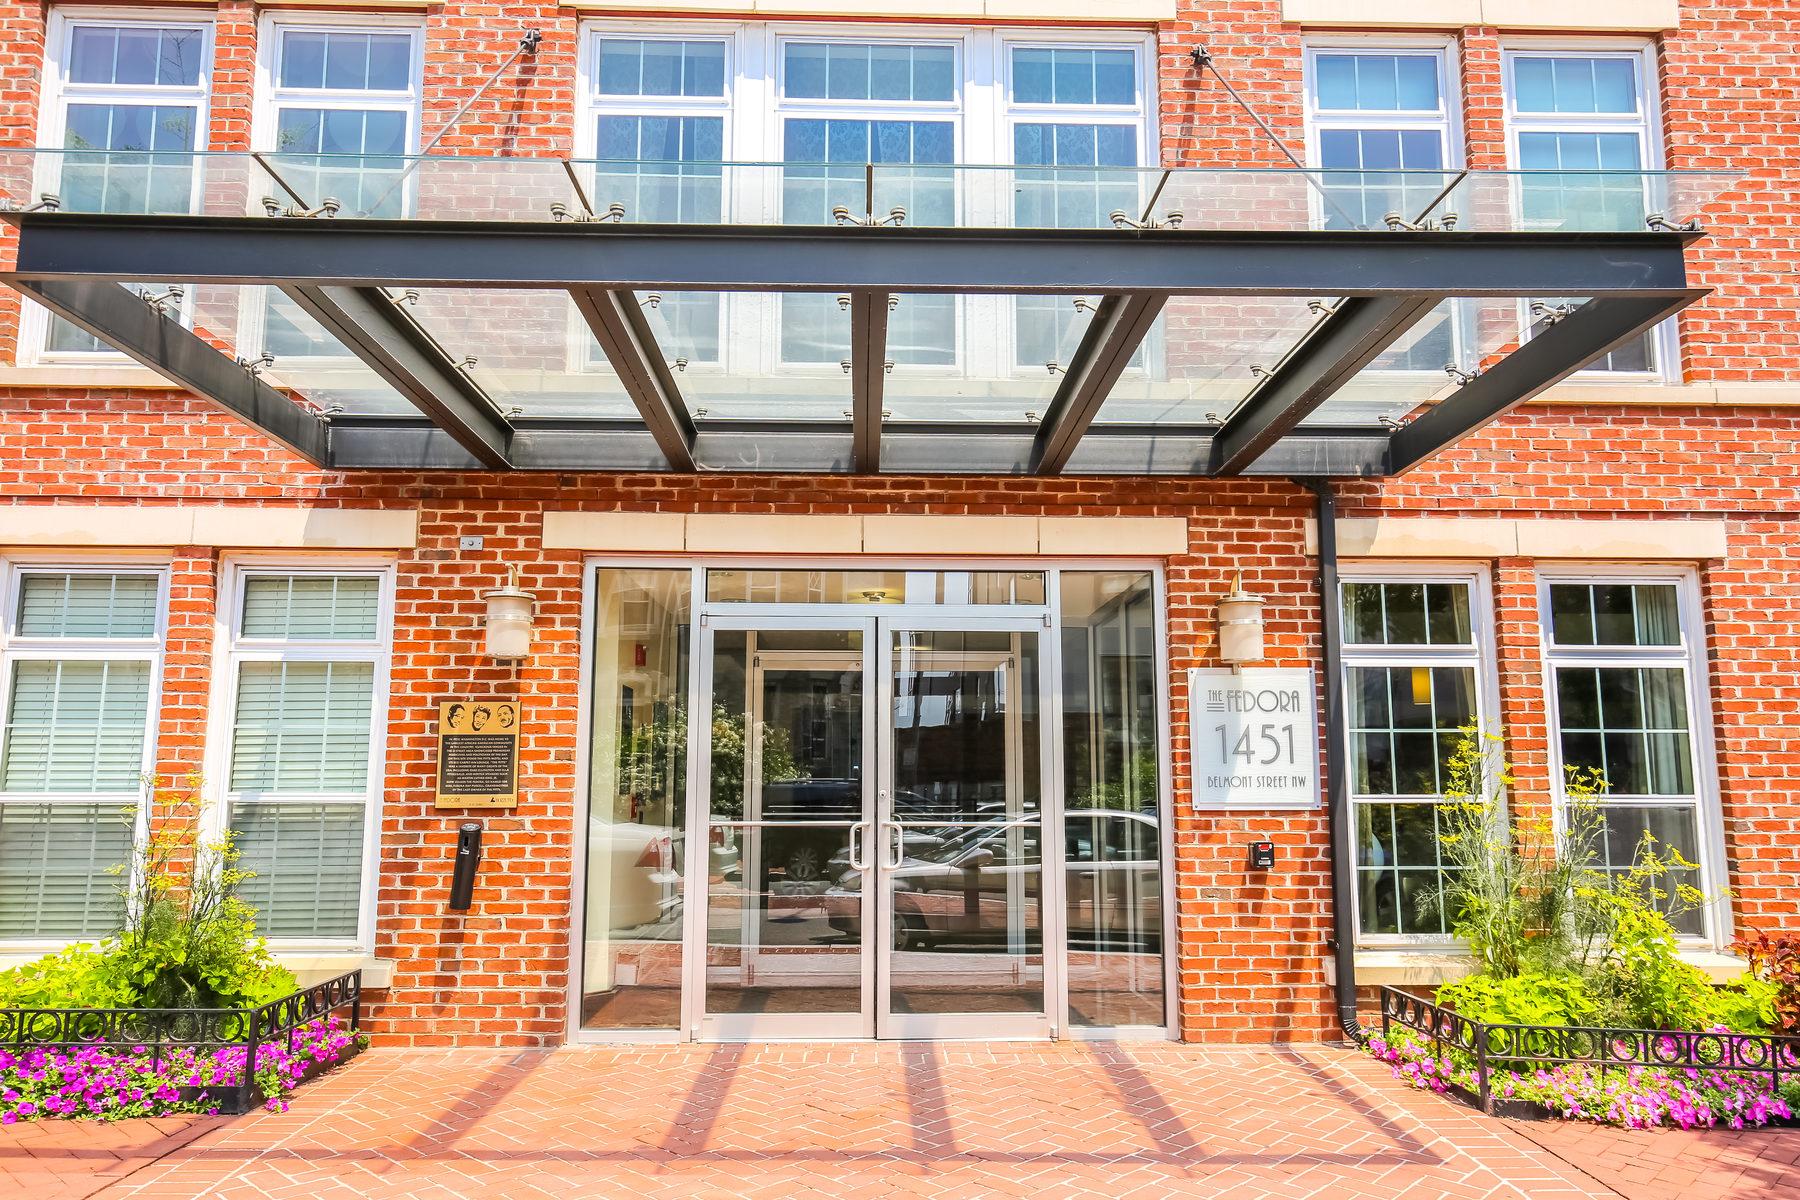 Кооперативная квартира для того Продажа на 1451 Belmont Street Nw 124, Washington Washington, Округ Колумбия 20009 Соединенные Штаты